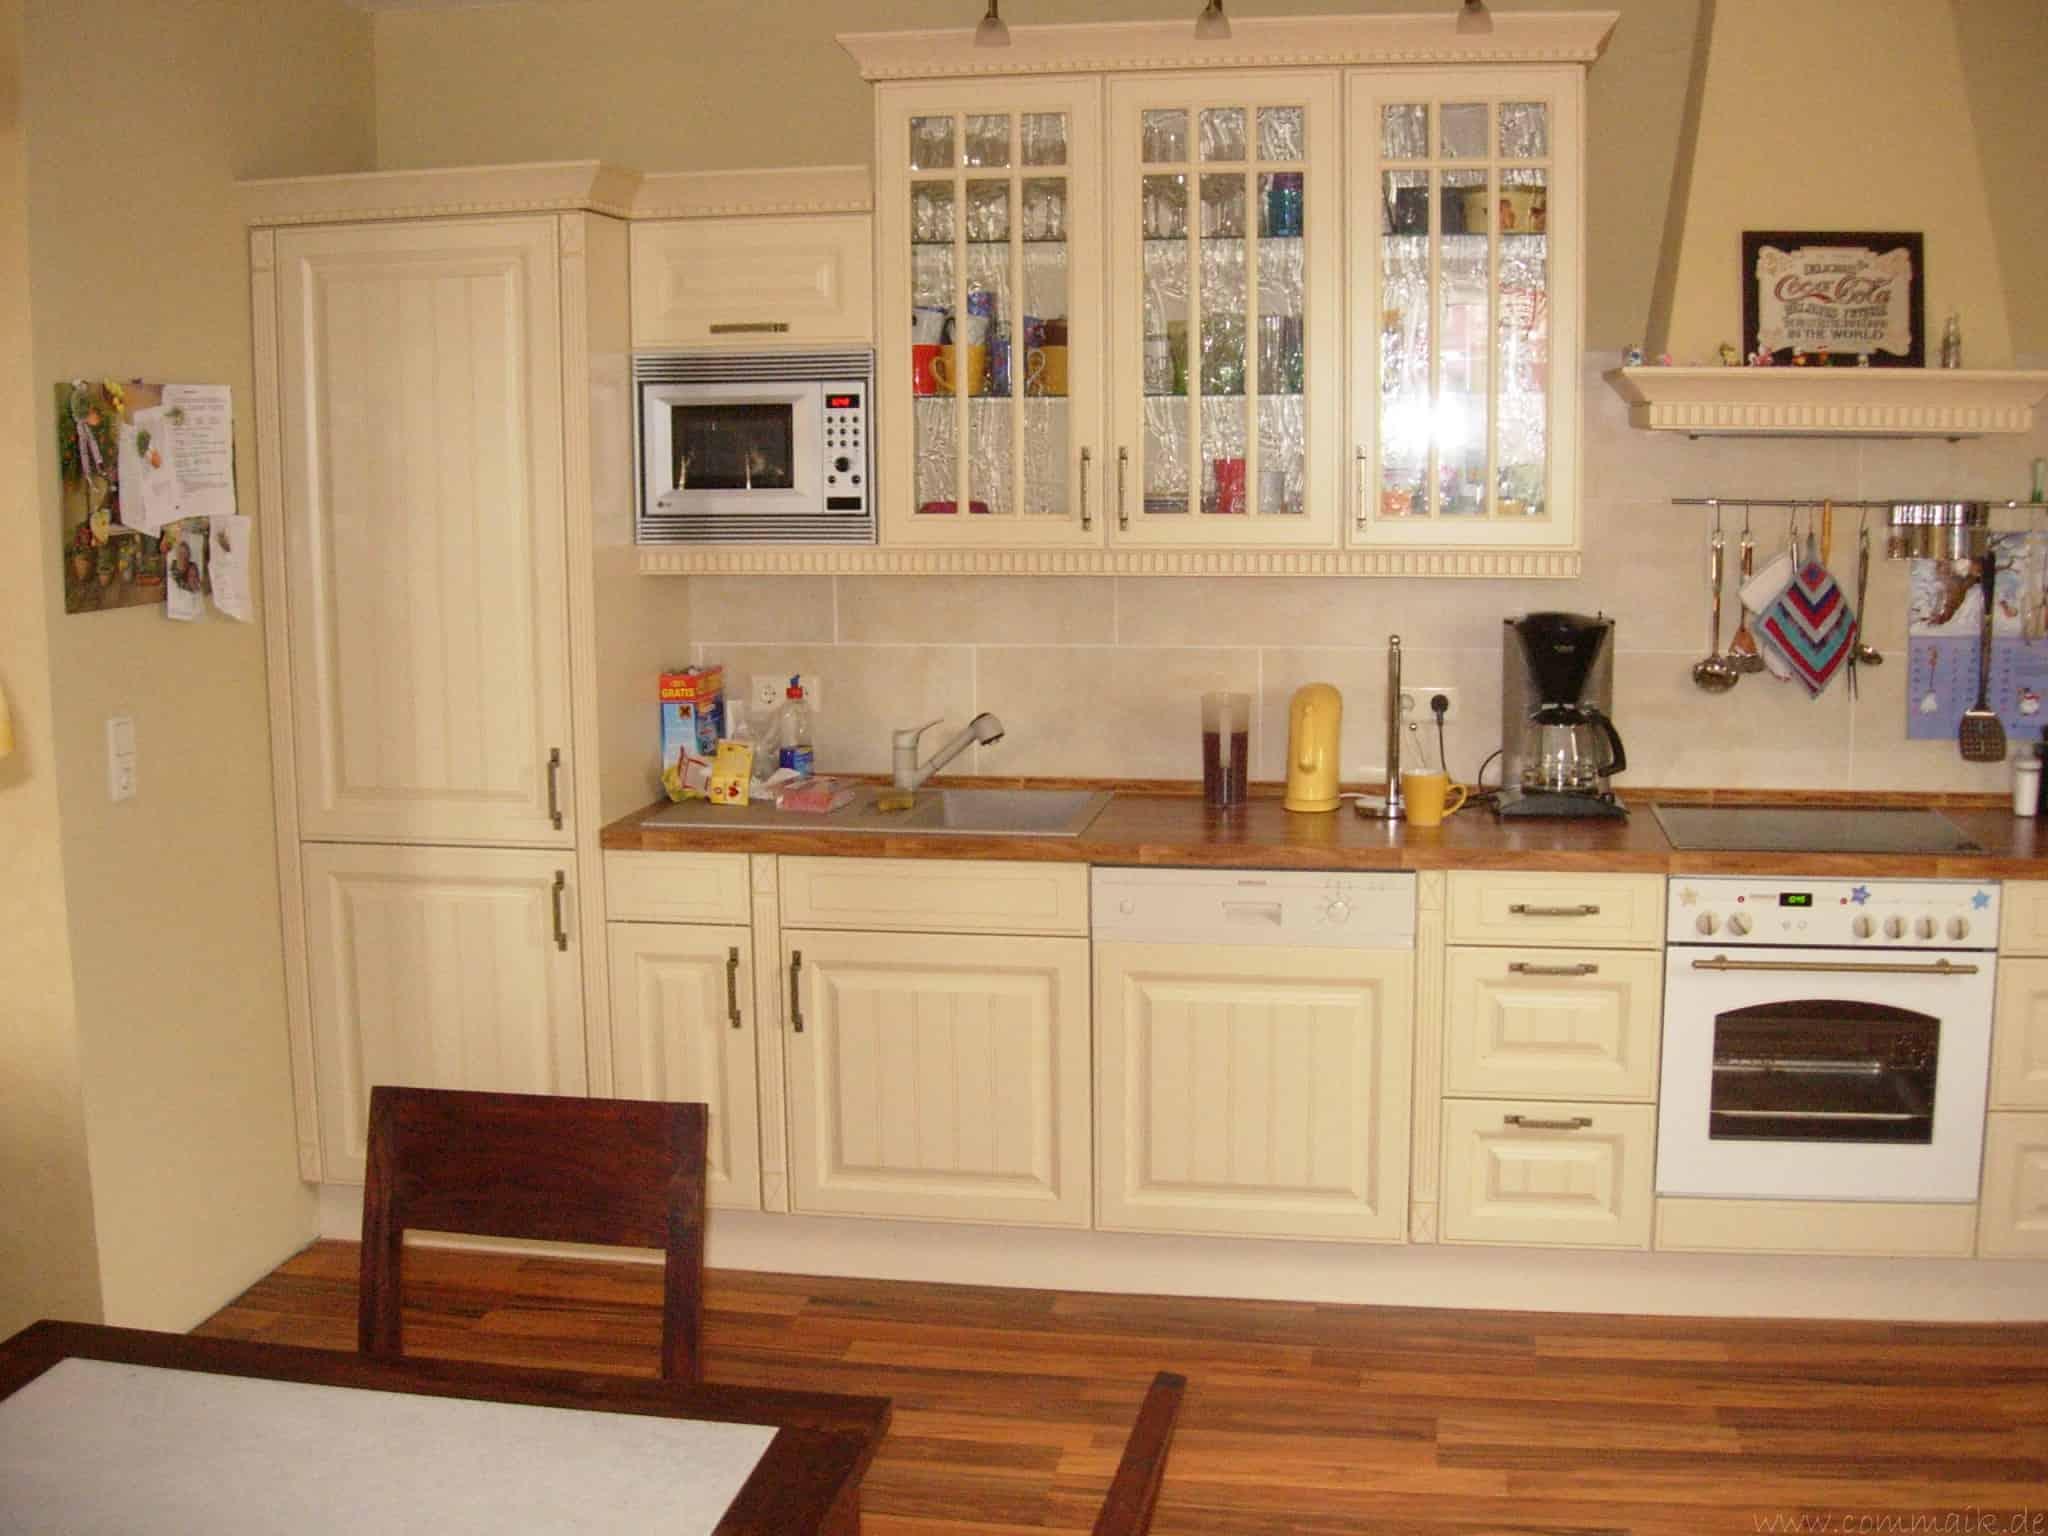 die k che ist fertig ein vorher nacher vergleich commaik. Black Bedroom Furniture Sets. Home Design Ideas